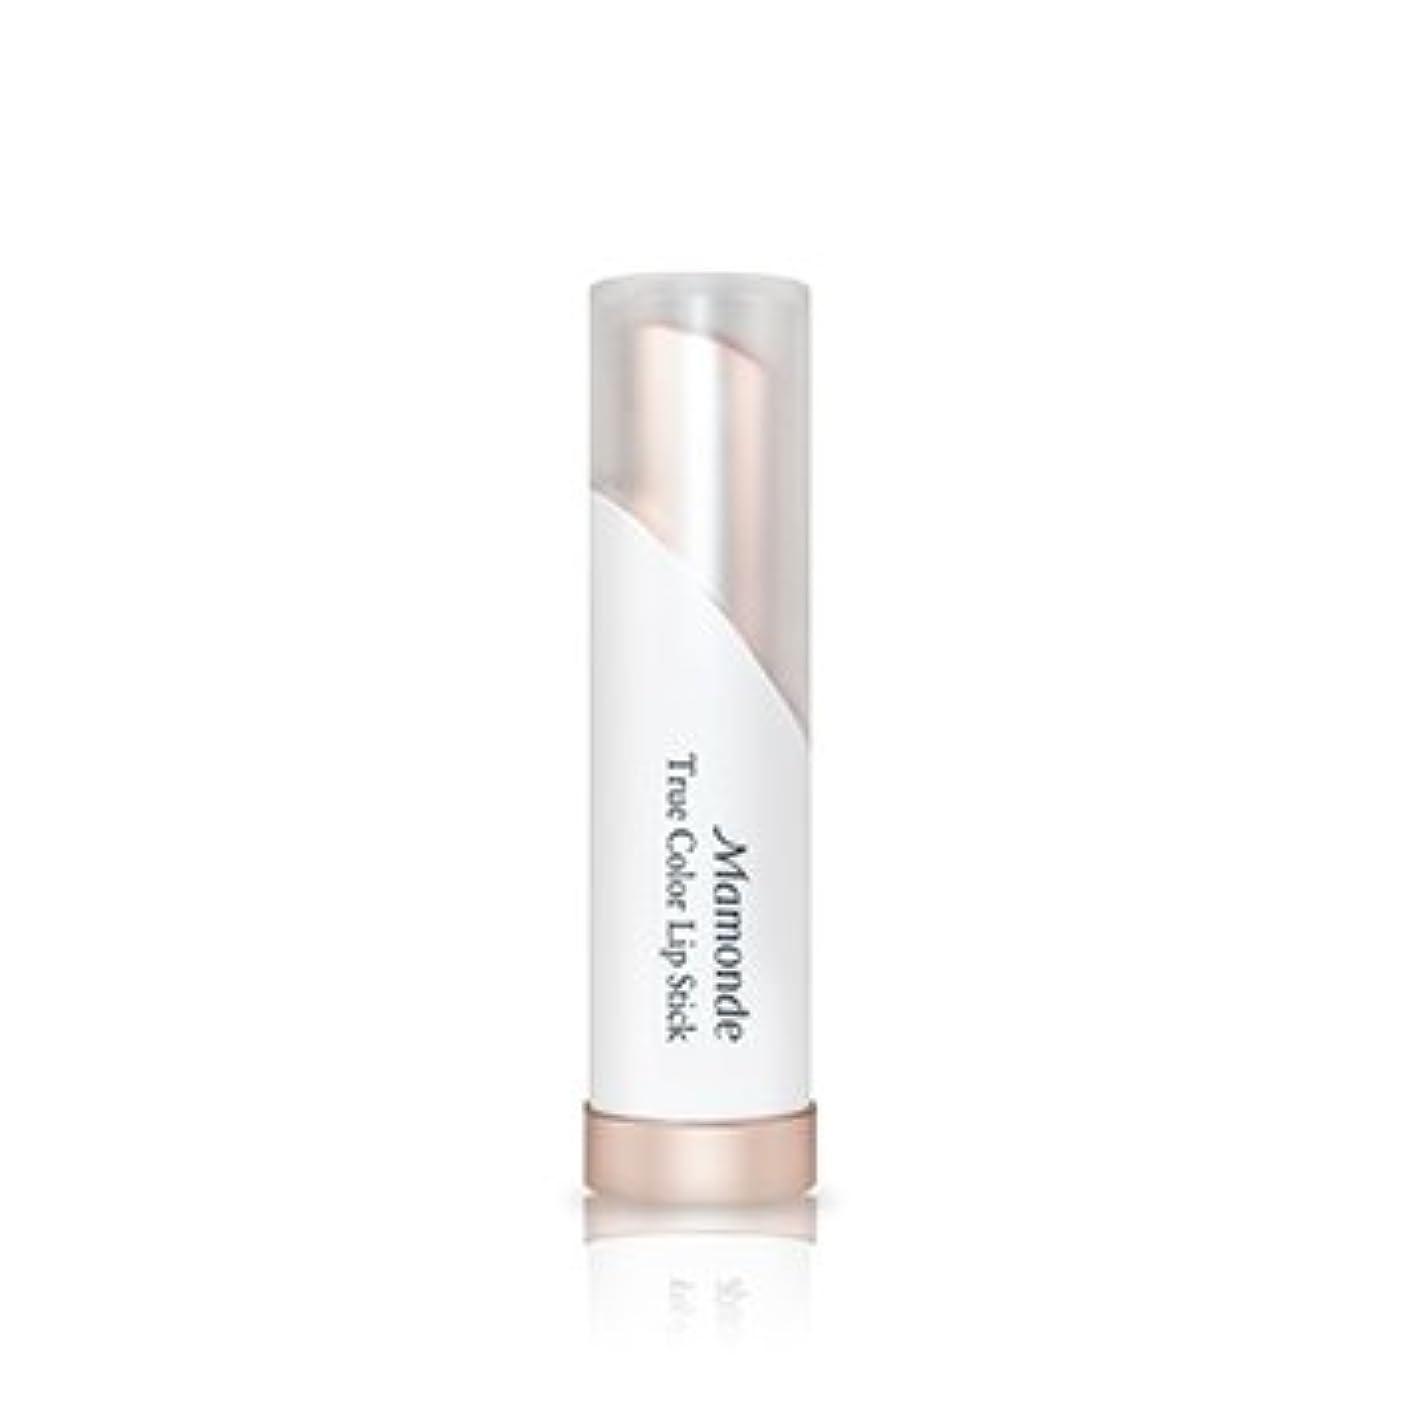 避難する一時解雇するワイド[New] Mamonde True Color Lip Stick 3.5g/マモンド トゥルー カラー リップスティック 3.5g (#10 Happy Orange) [並行輸入品]